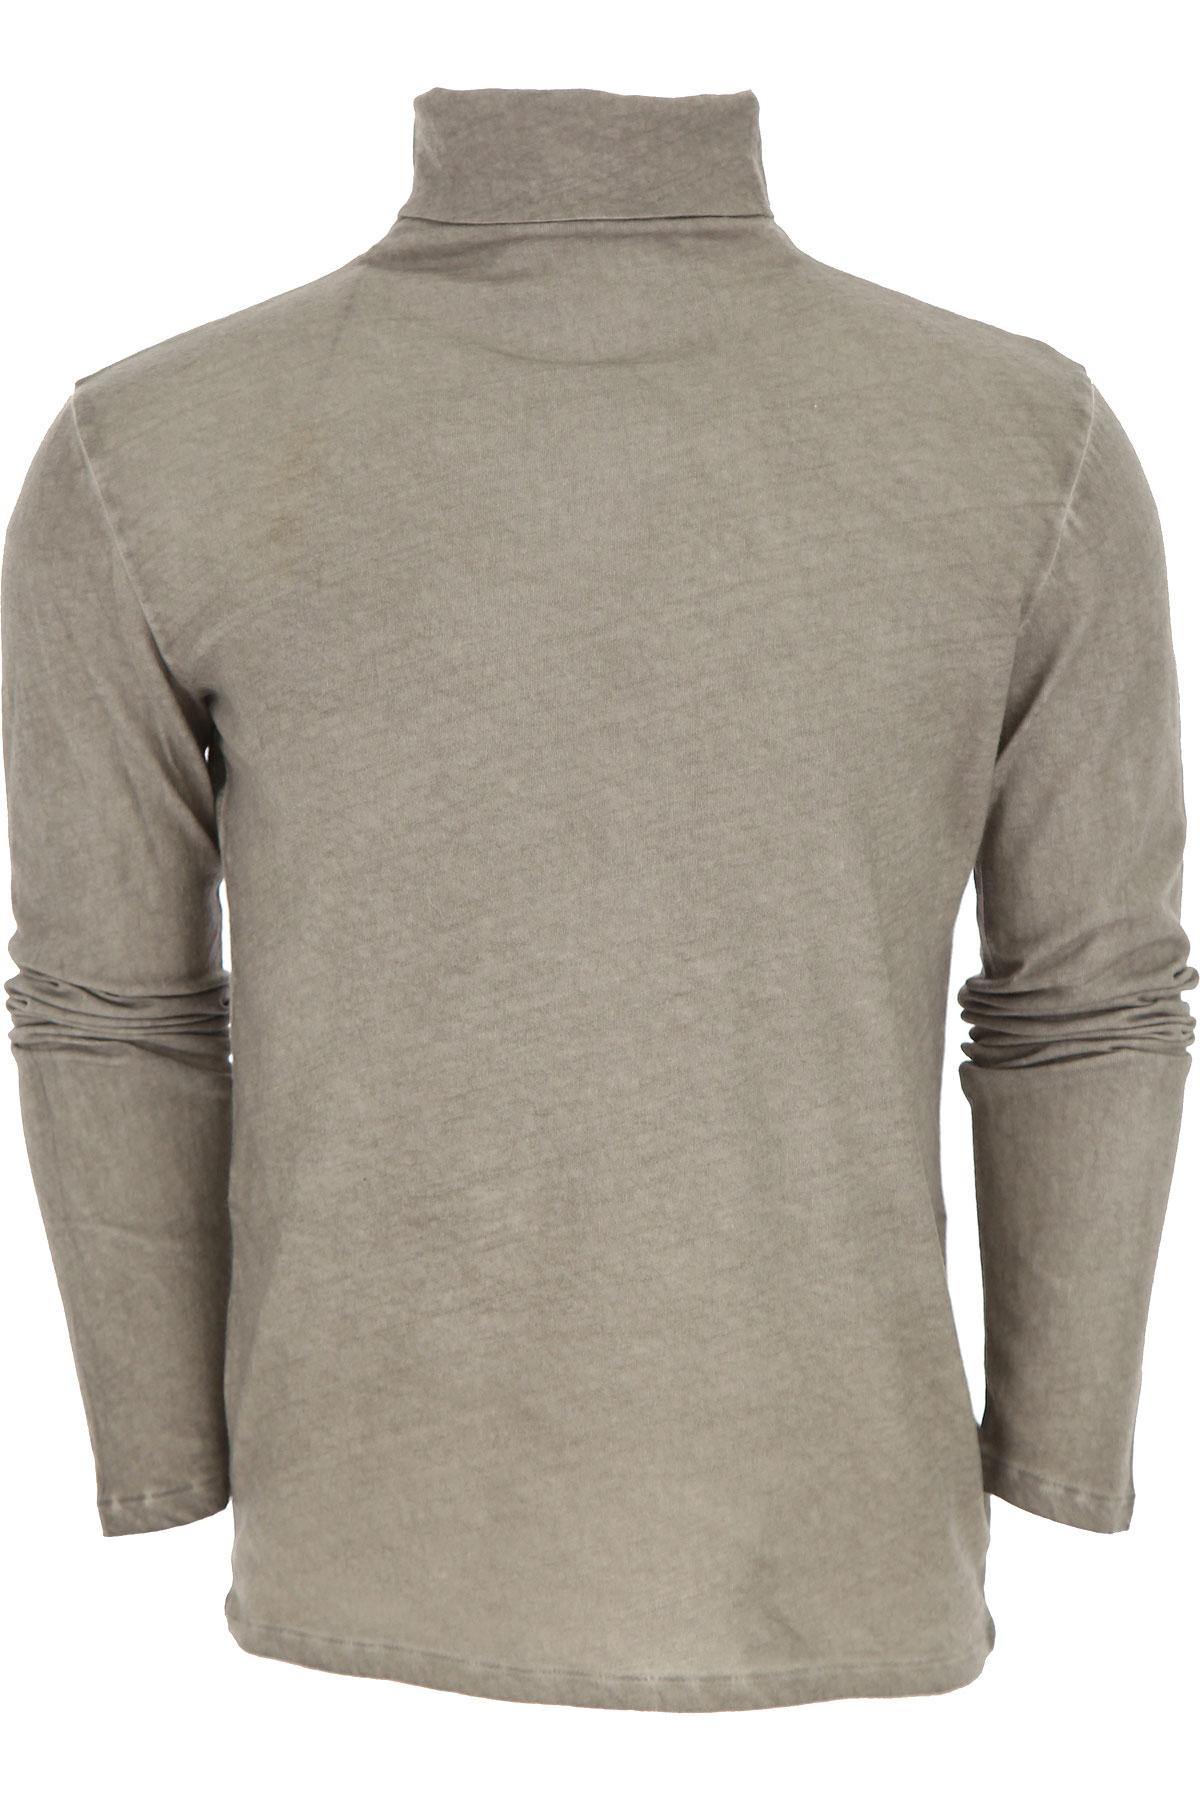 Image of Majestic Filatures T-Shirt for Men, Beige Stone, Cotton, 2017, L M XL